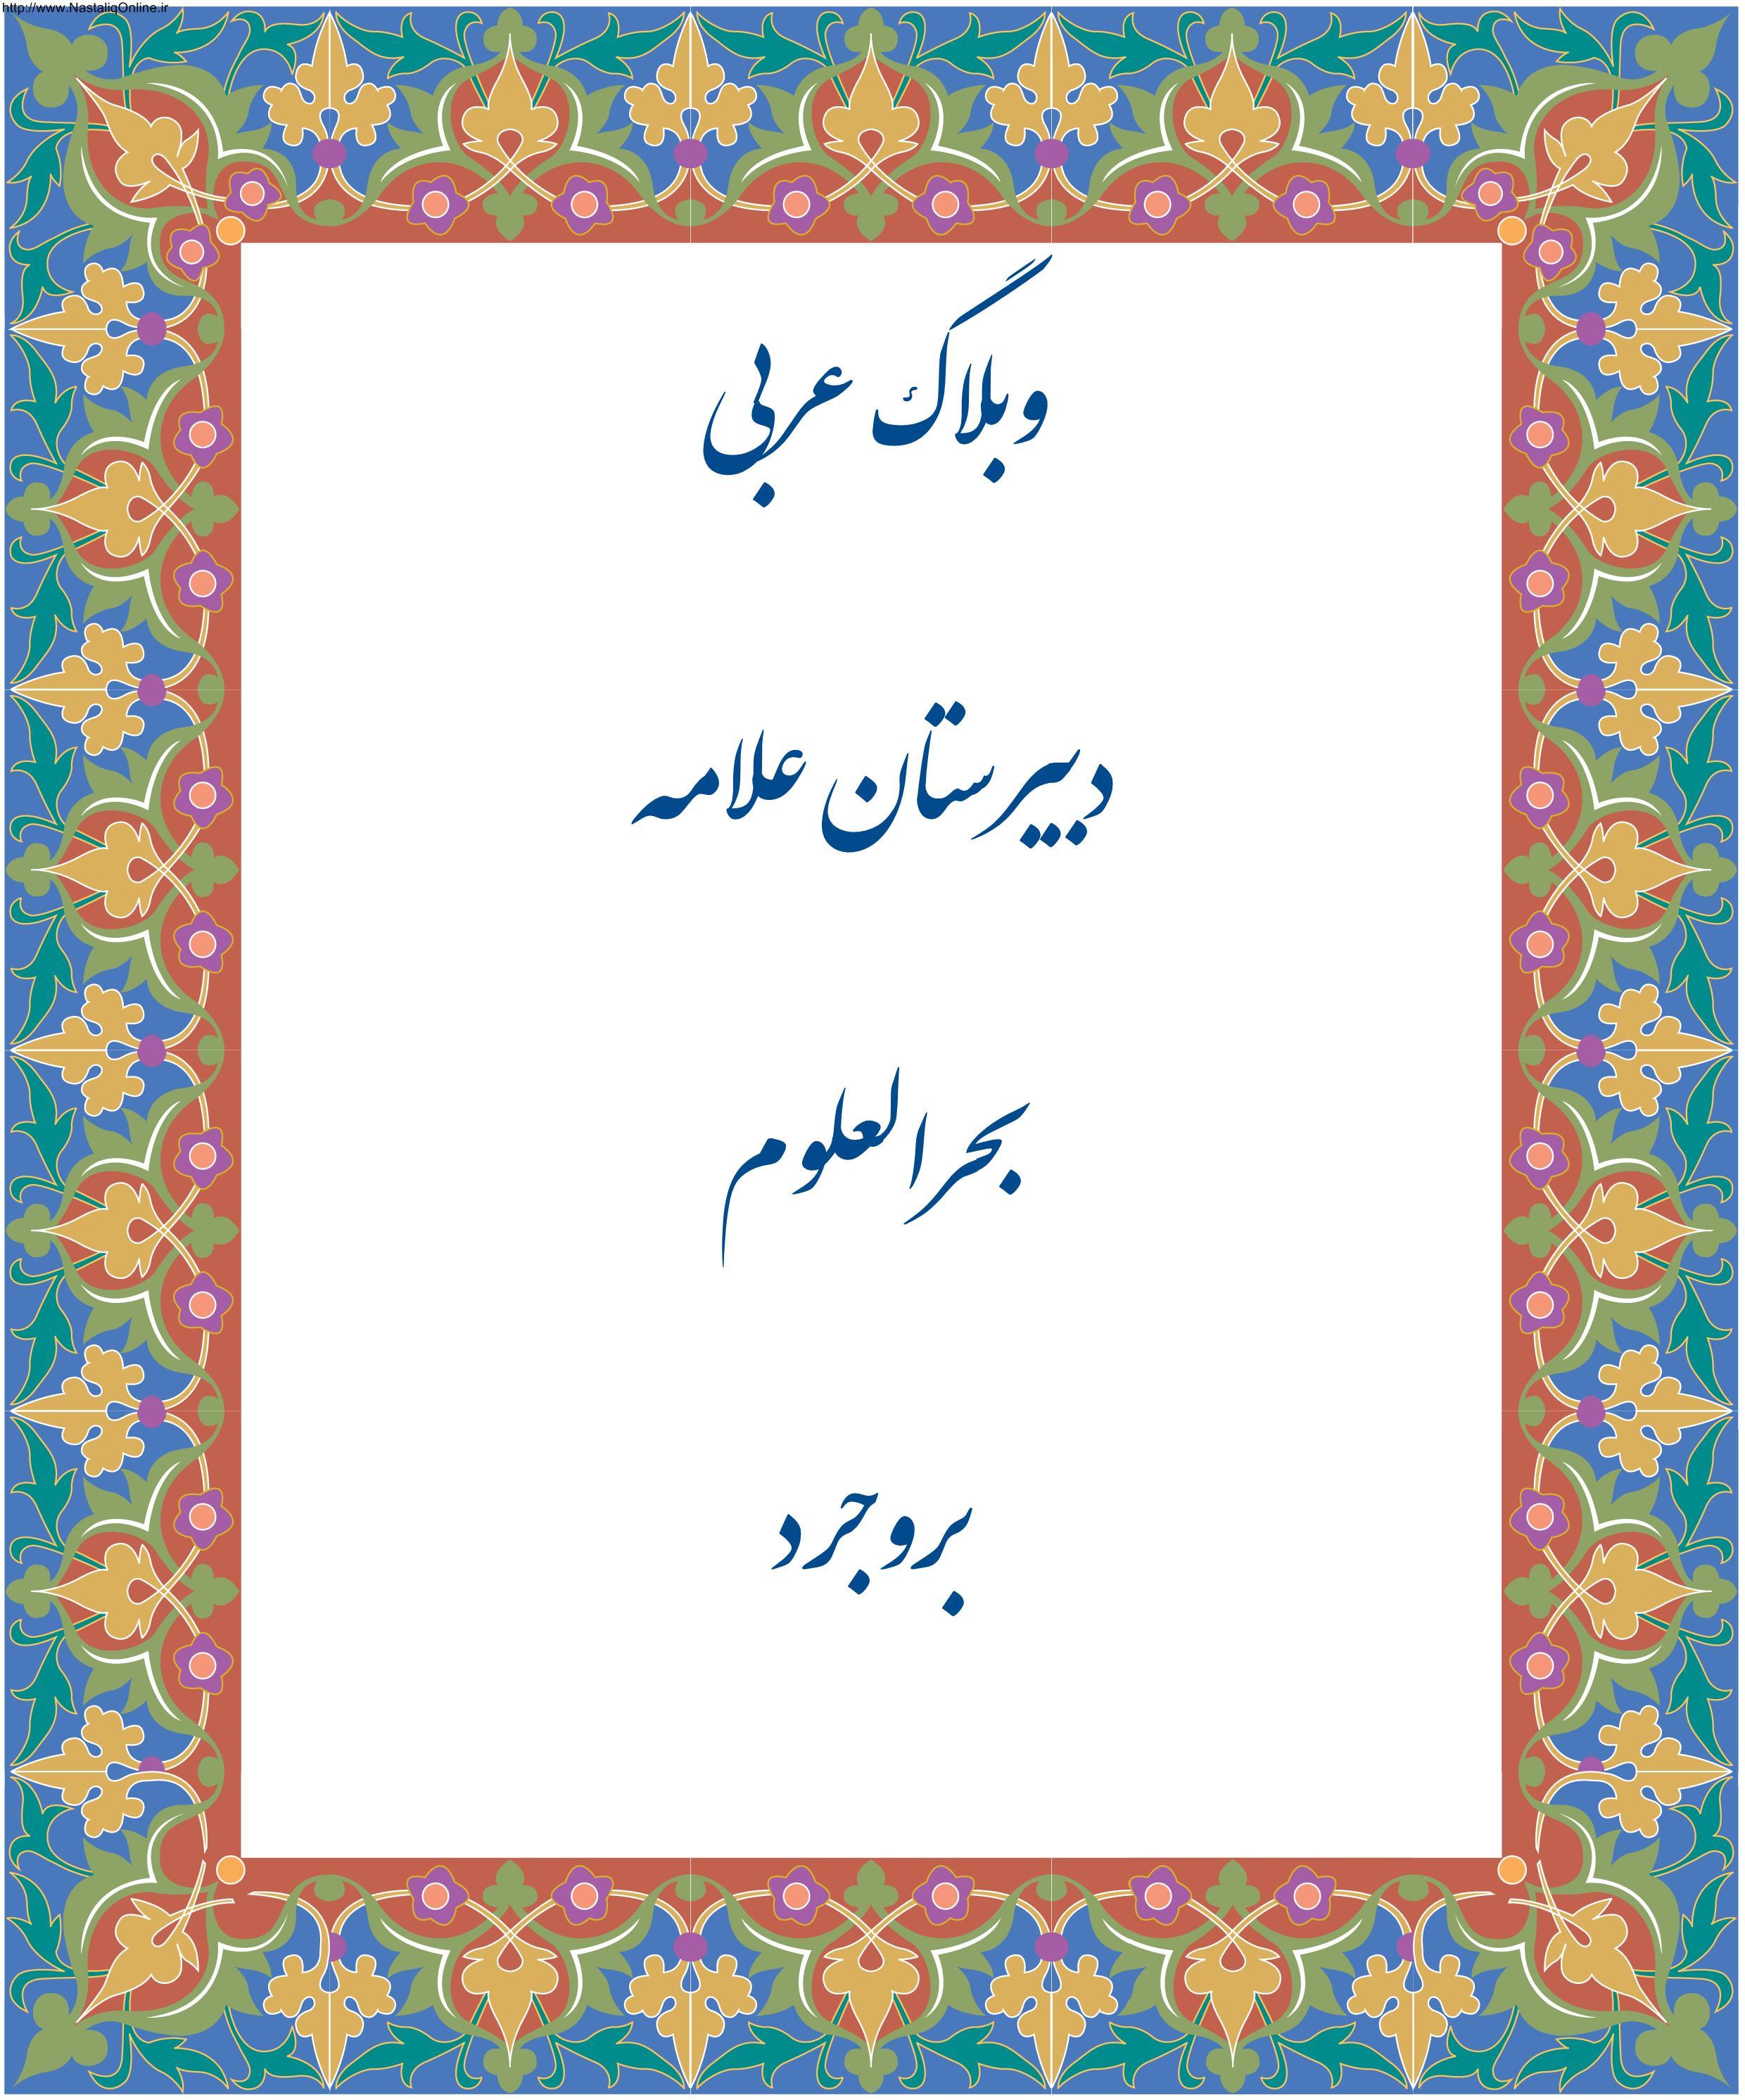 وبلاگ عربی دبیرستان علامه بحرالعلوم بروجرد